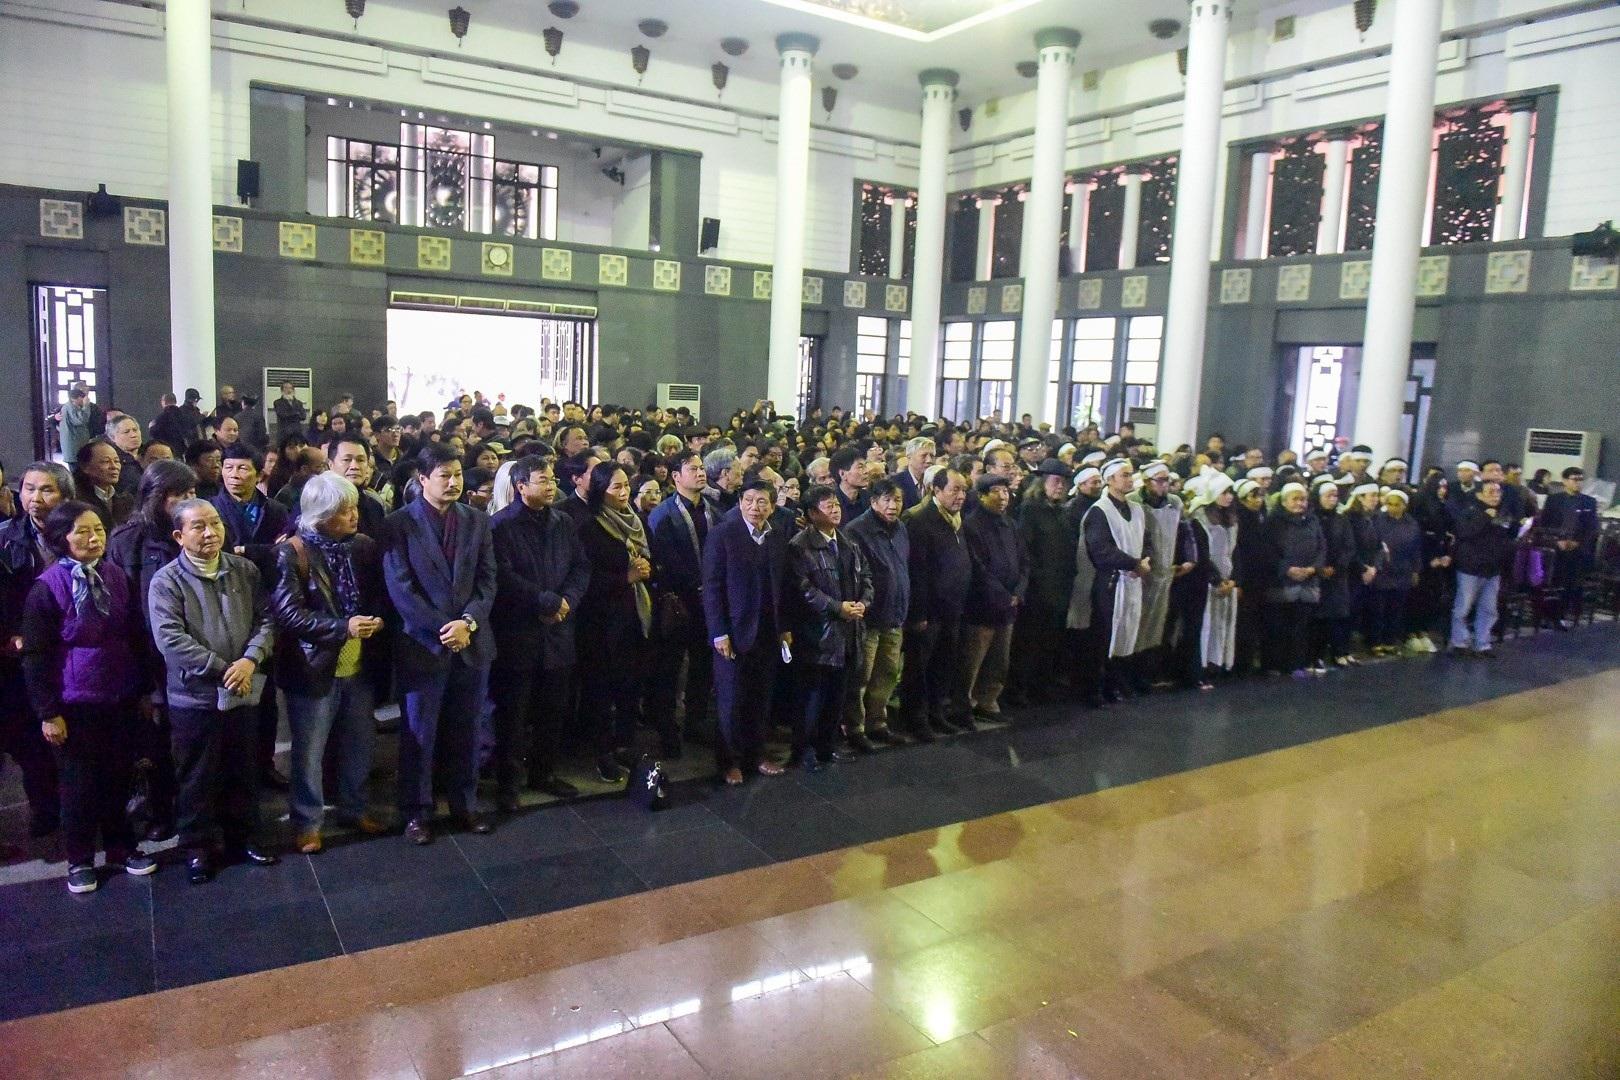 Đông đảo bạn bè, văn nghệ sĩ đến tiễn đưa nhà thơ- nhạc sĩ Nguyễn Trọng Tạo - Ảnh 2.